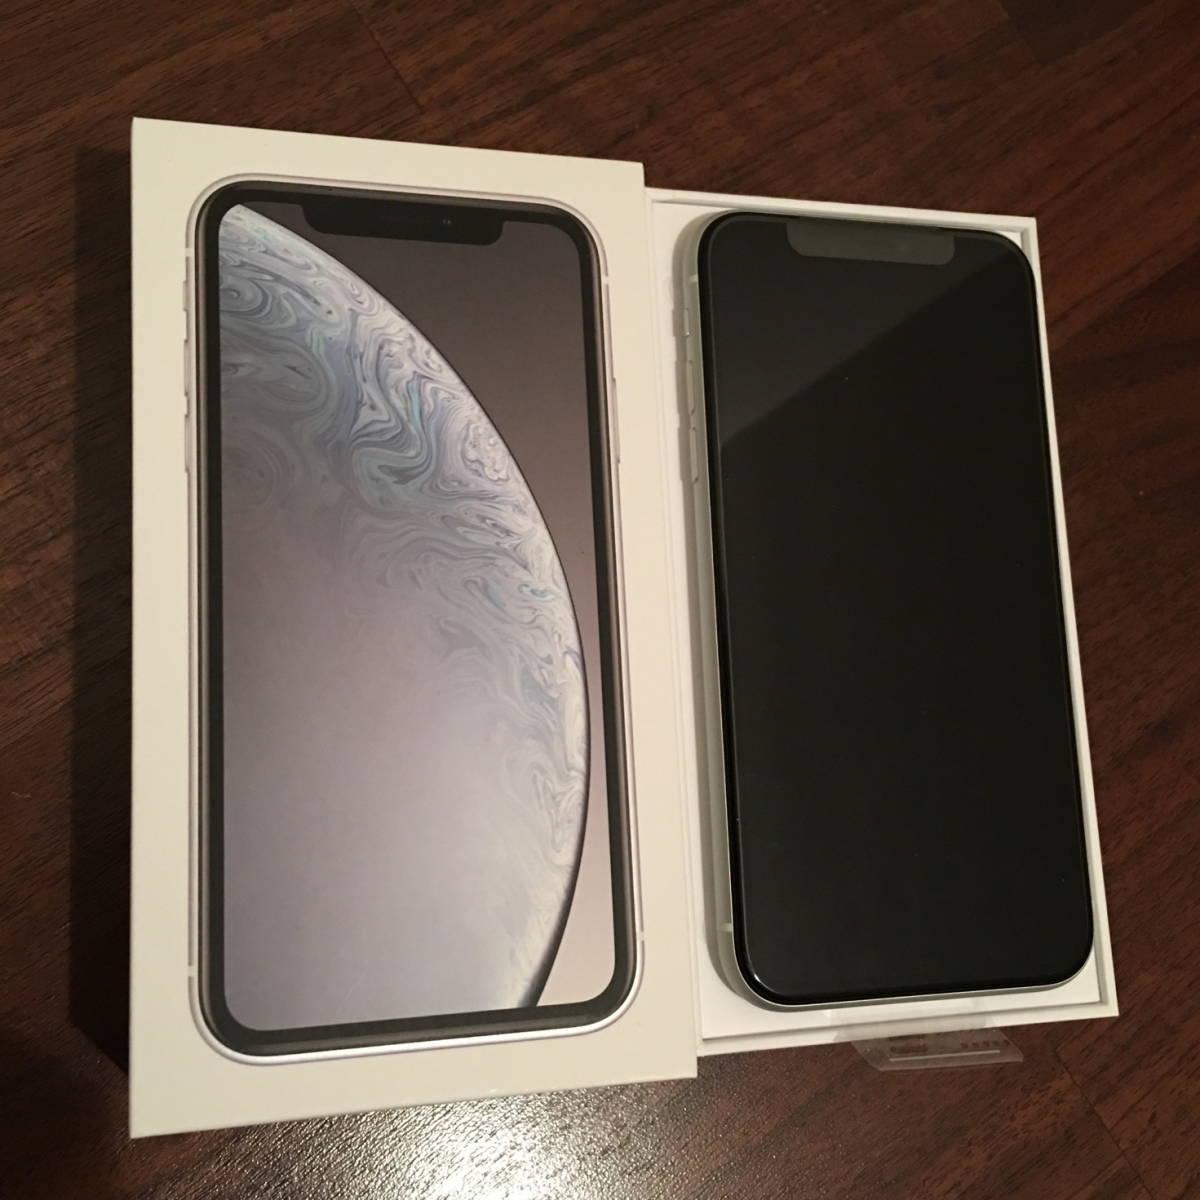 新品 au iPhone XR 128GB white ホワイト 残債なし判定◯ SIMフリー済み 海外SIM 格安SIM可能_画像2